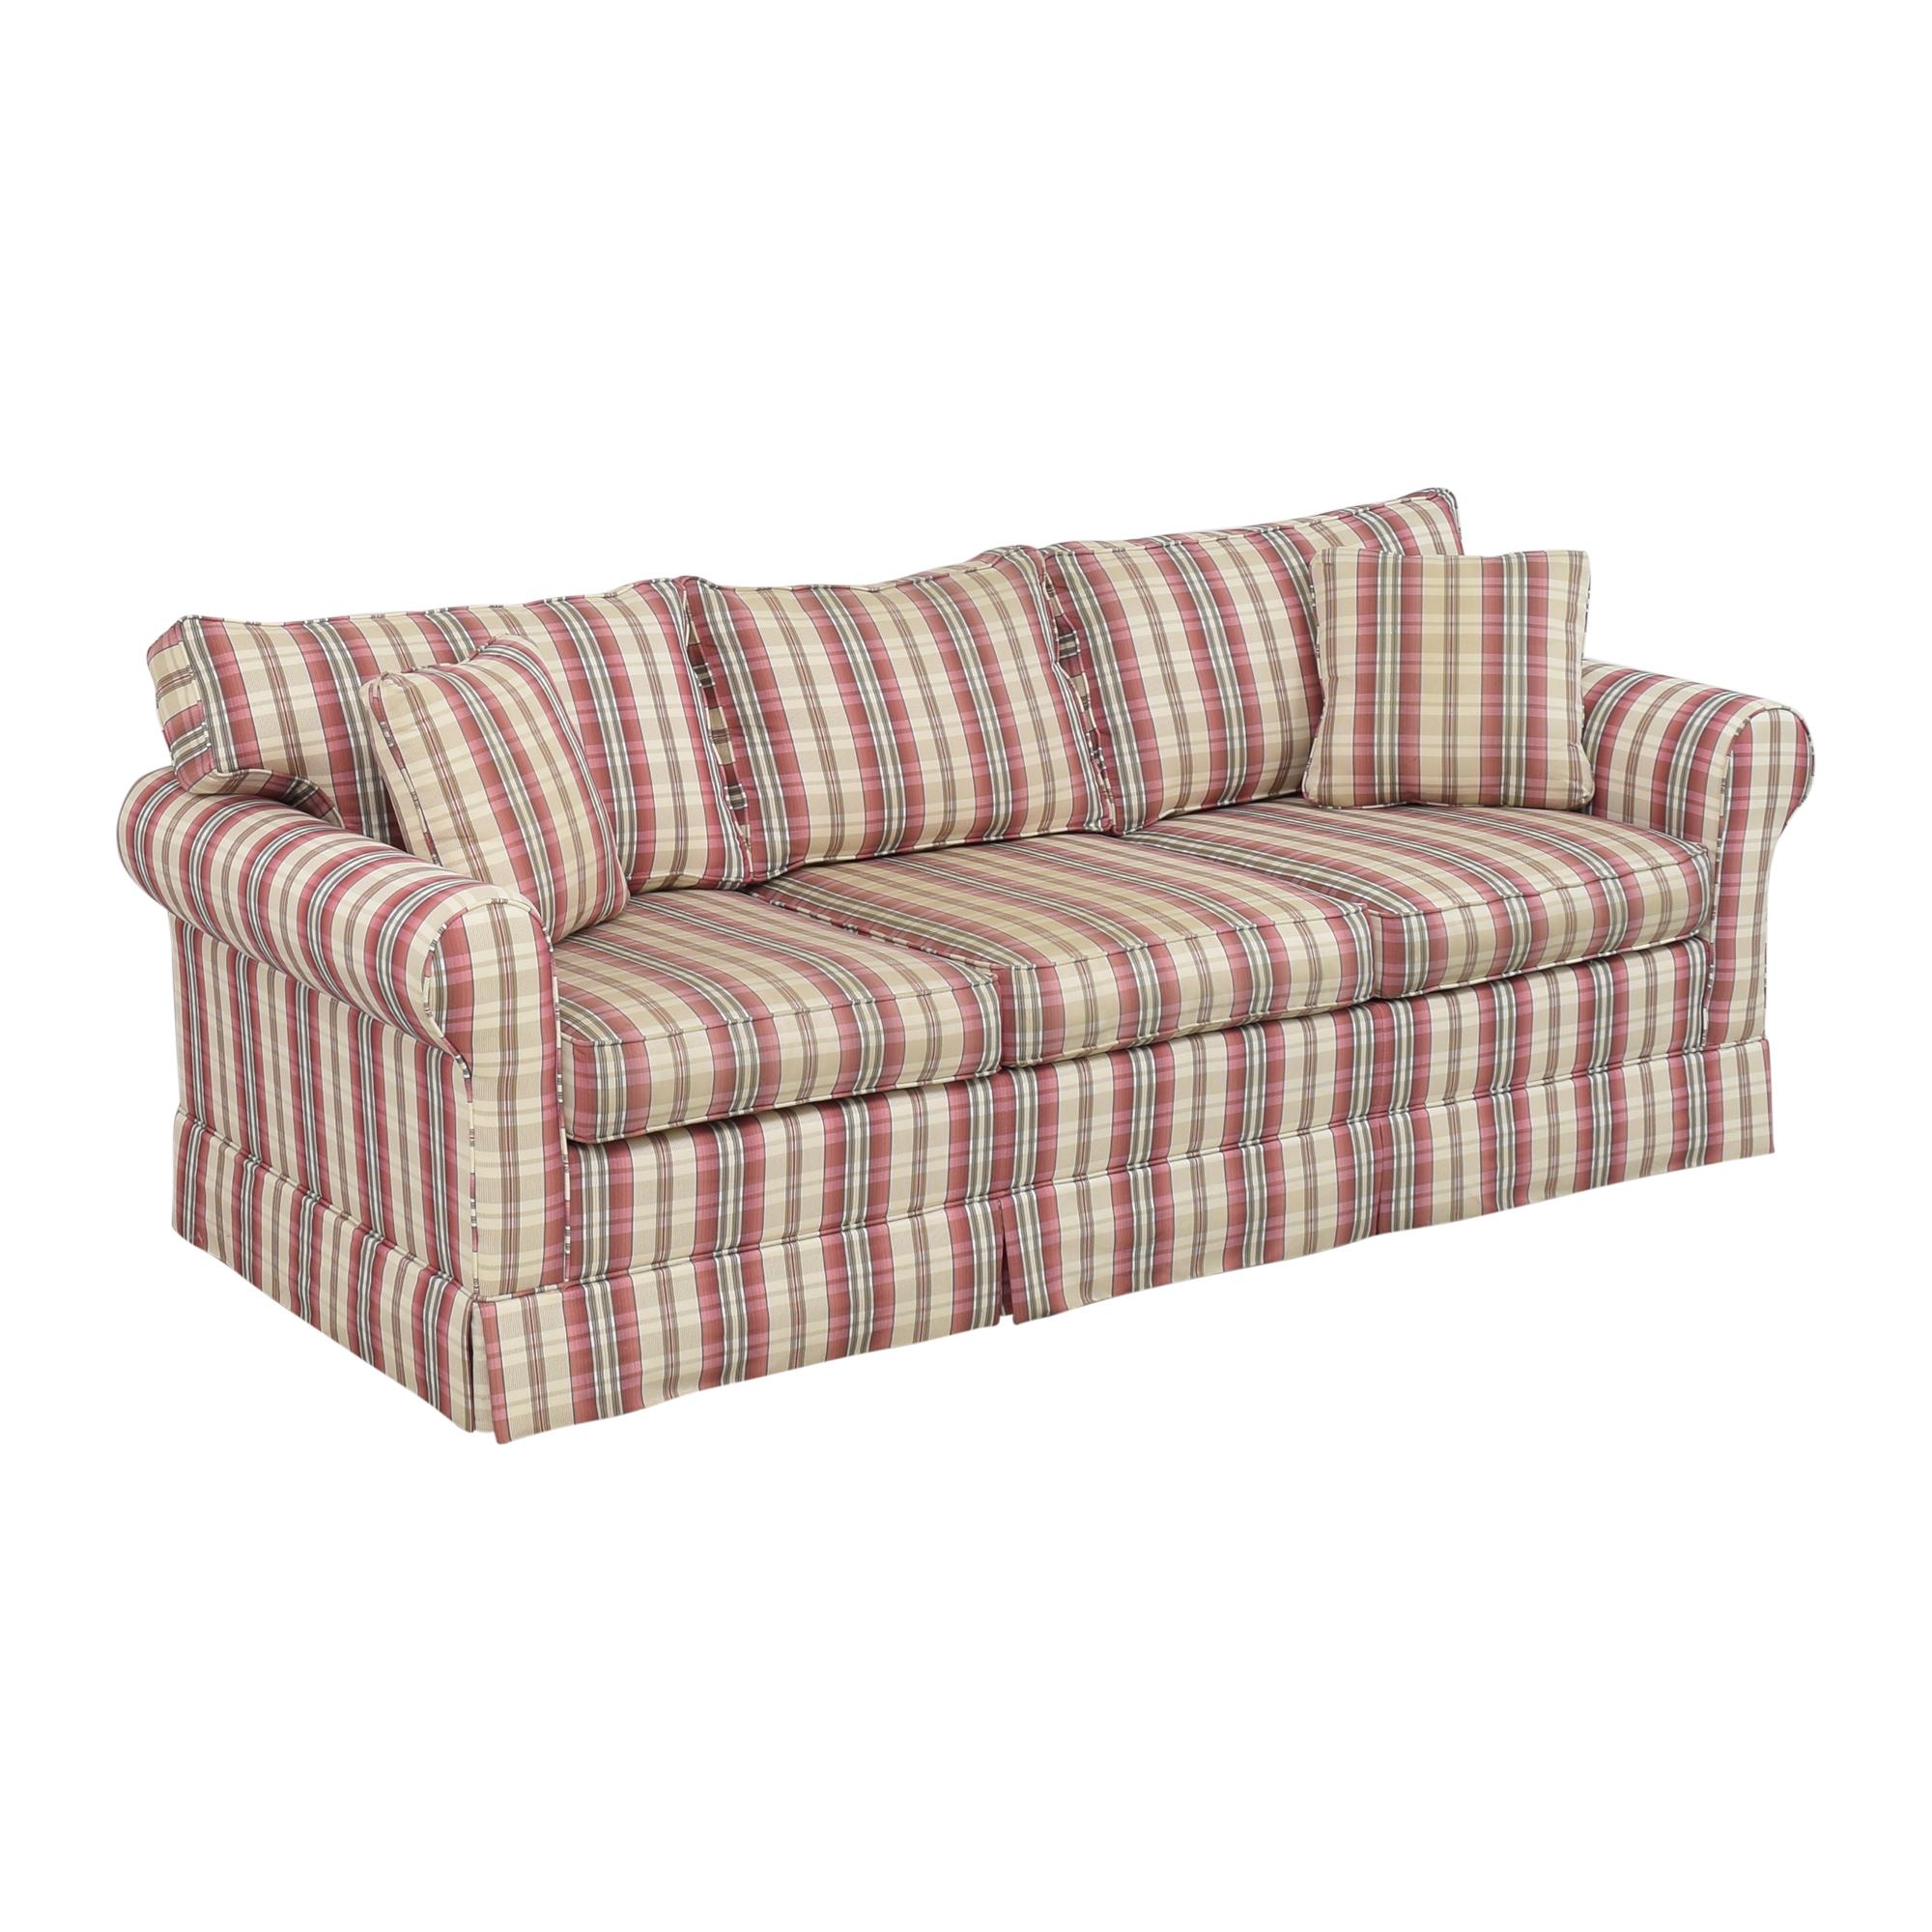 Choice Seating Gallery Choice Seating Gallery Skirted Three Cushion Sofa multi colored